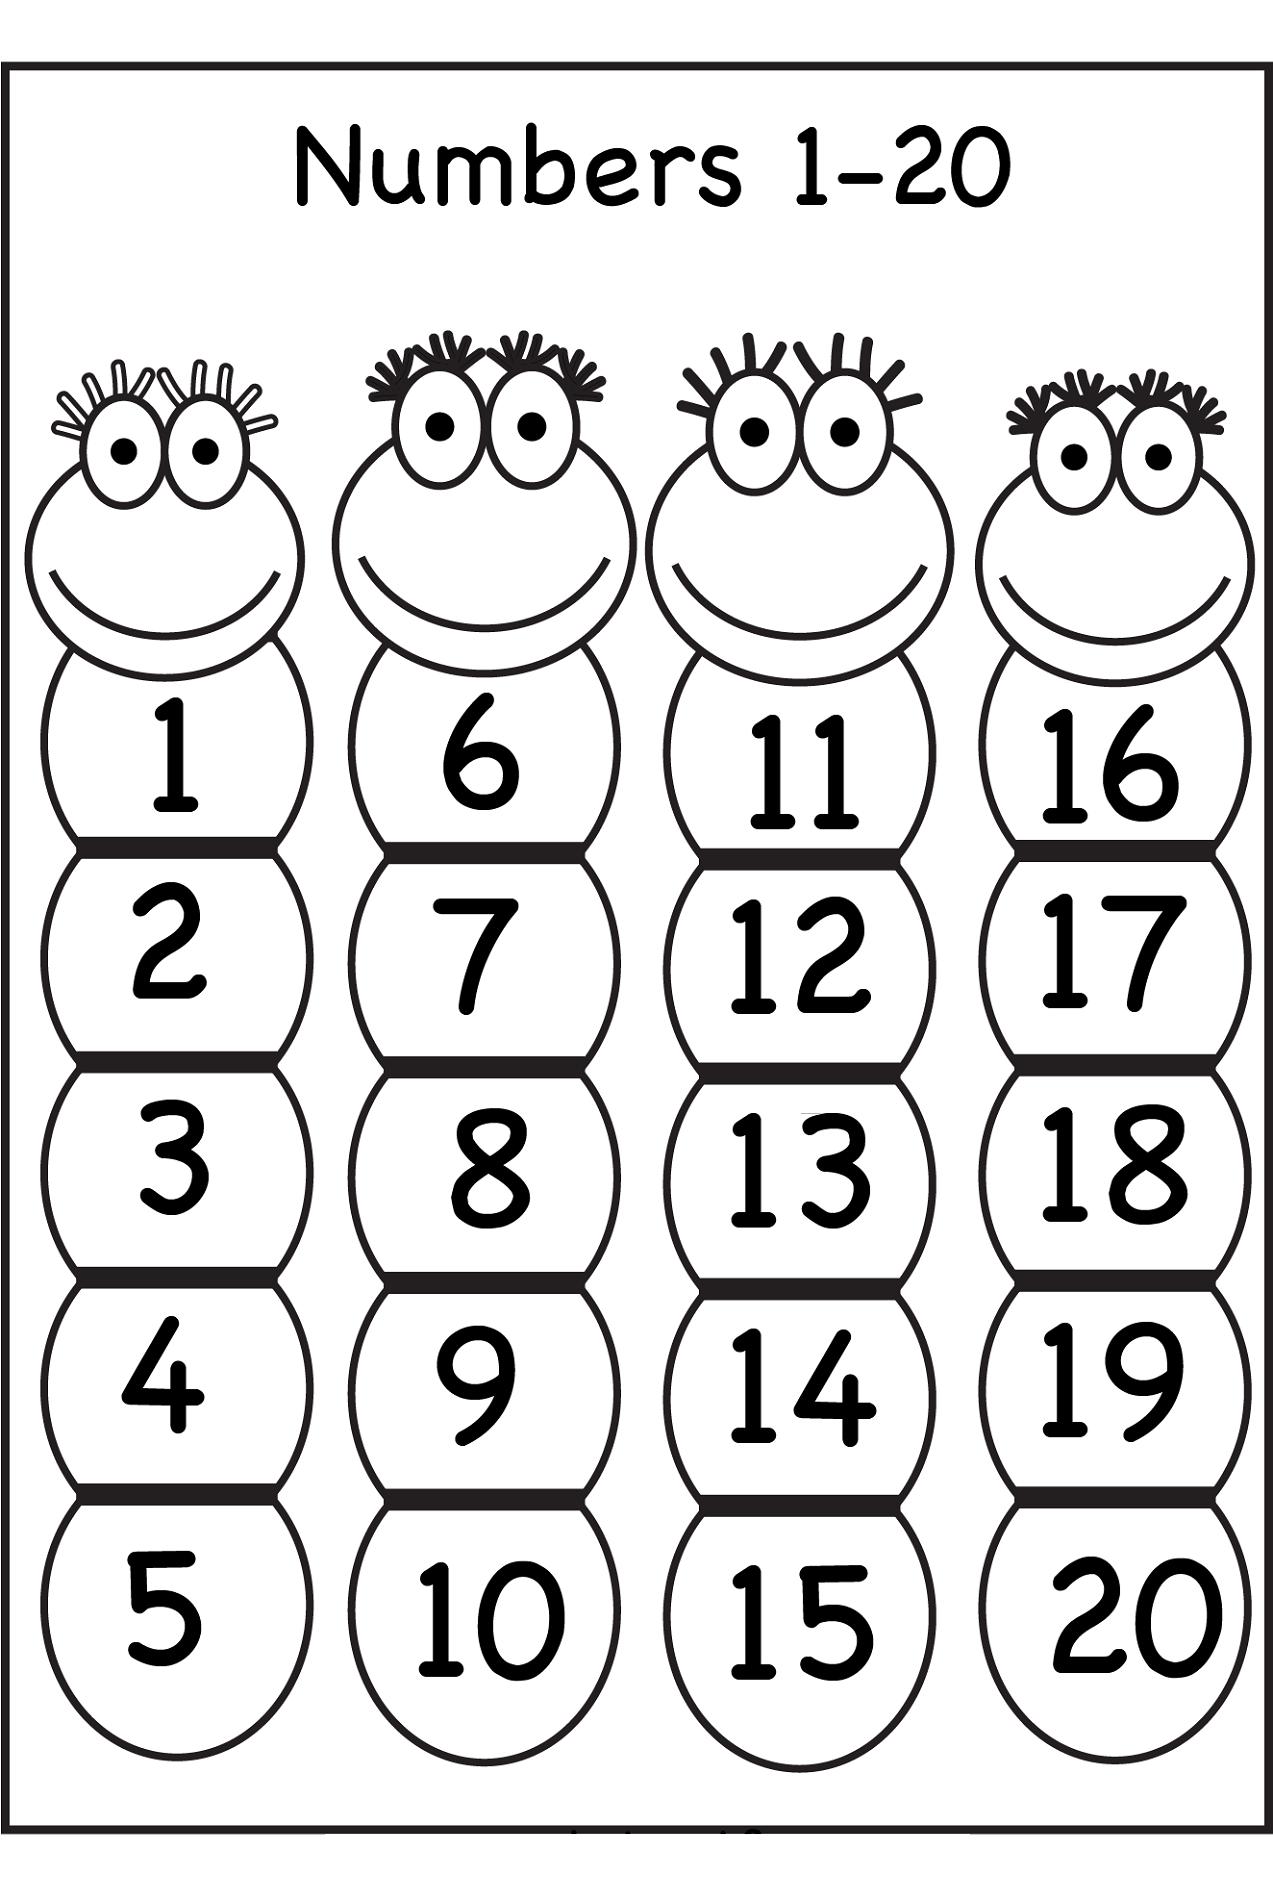 Worksheet Numbers 1 20 Worksheets Grass Fedjp Worksheet